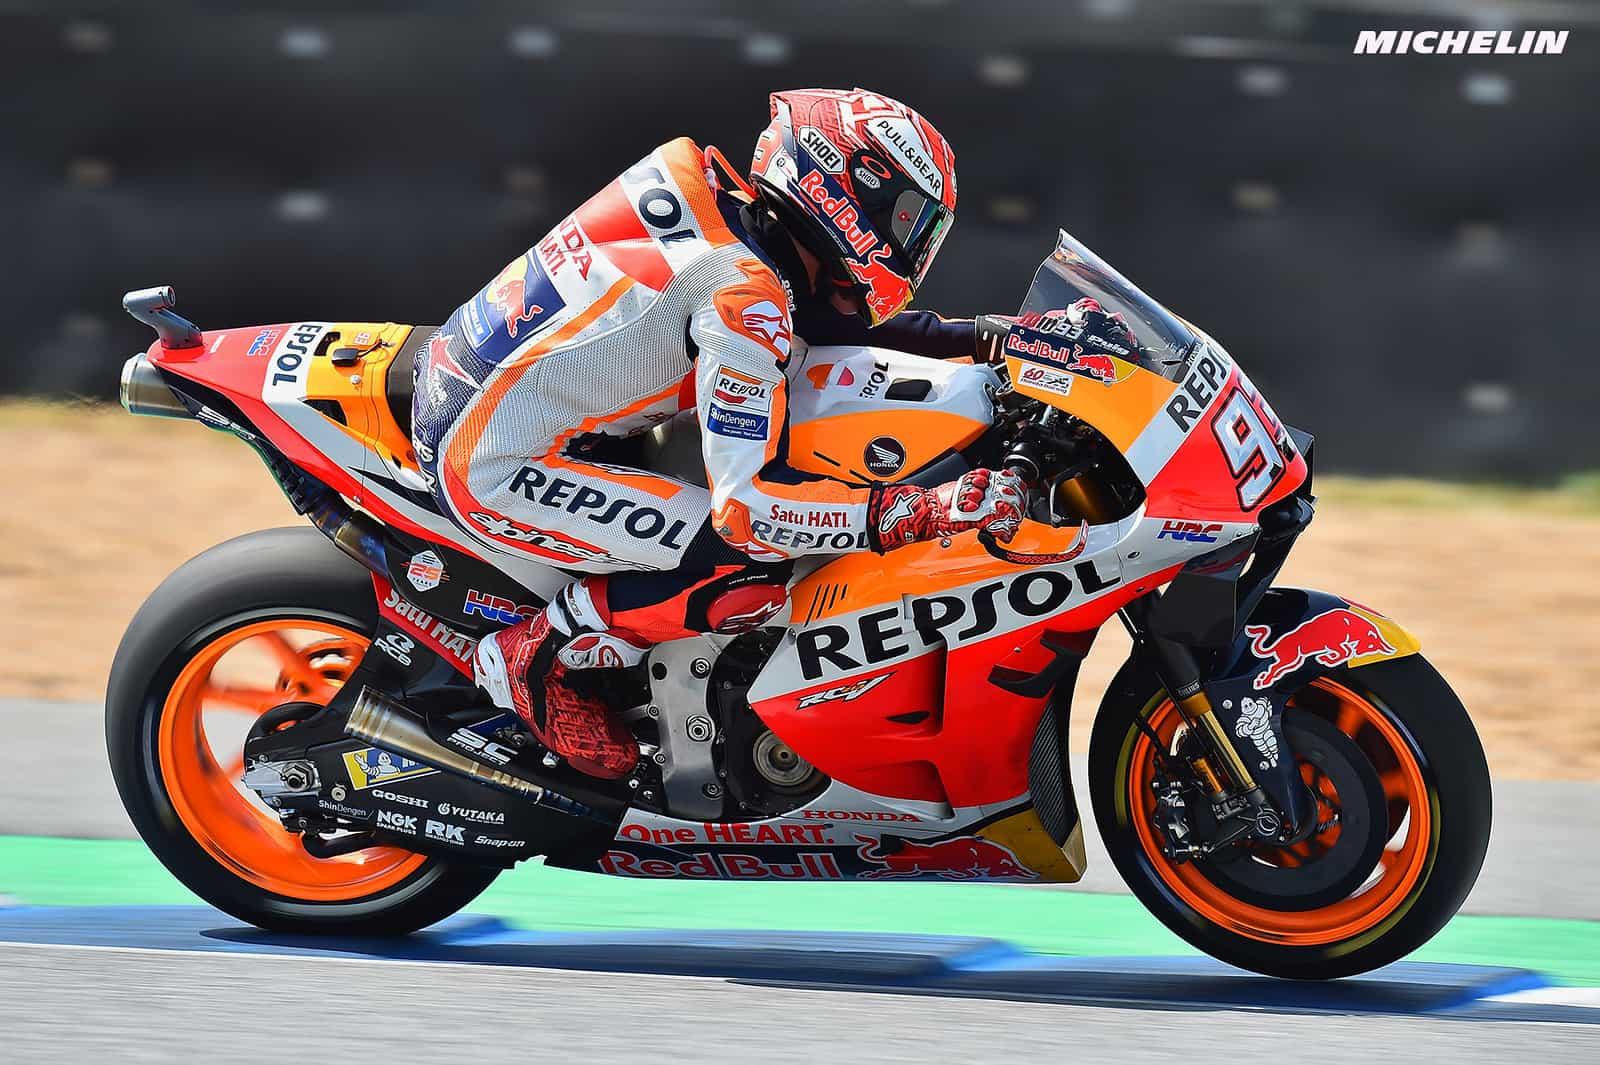 MotoGP2019オーストラリアGP 予選3位マルケス「ヤマハがスピードを発揮しているがベストを尽くす」